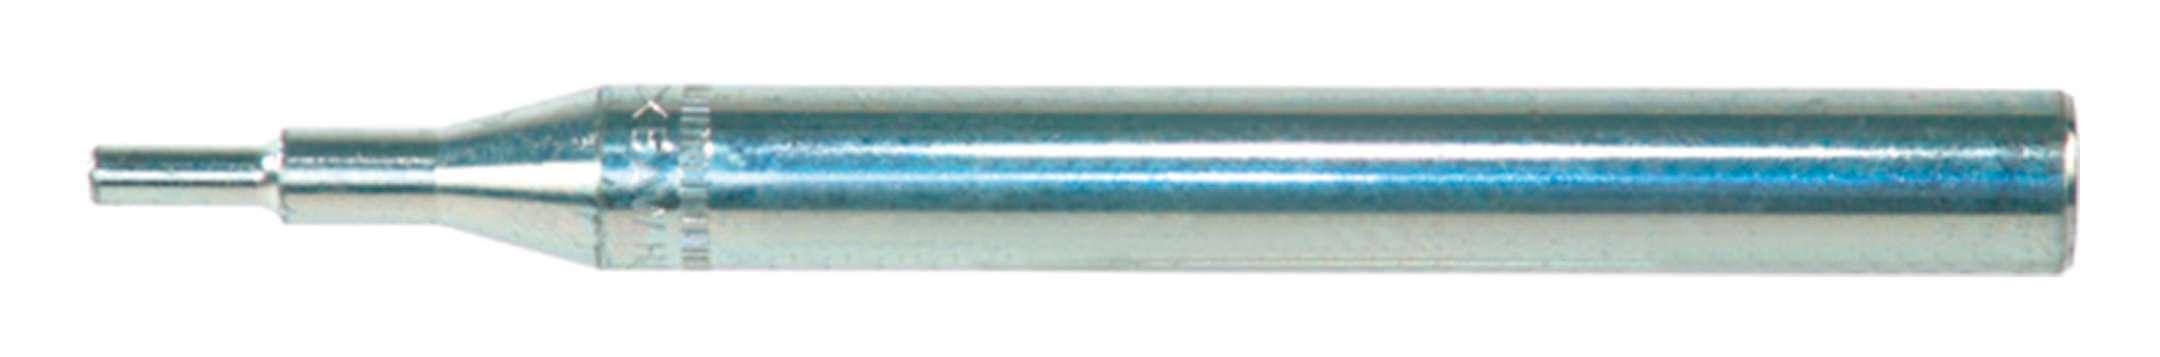 Upat Setzwerkzeug USA-SWZ M 6 - 509064